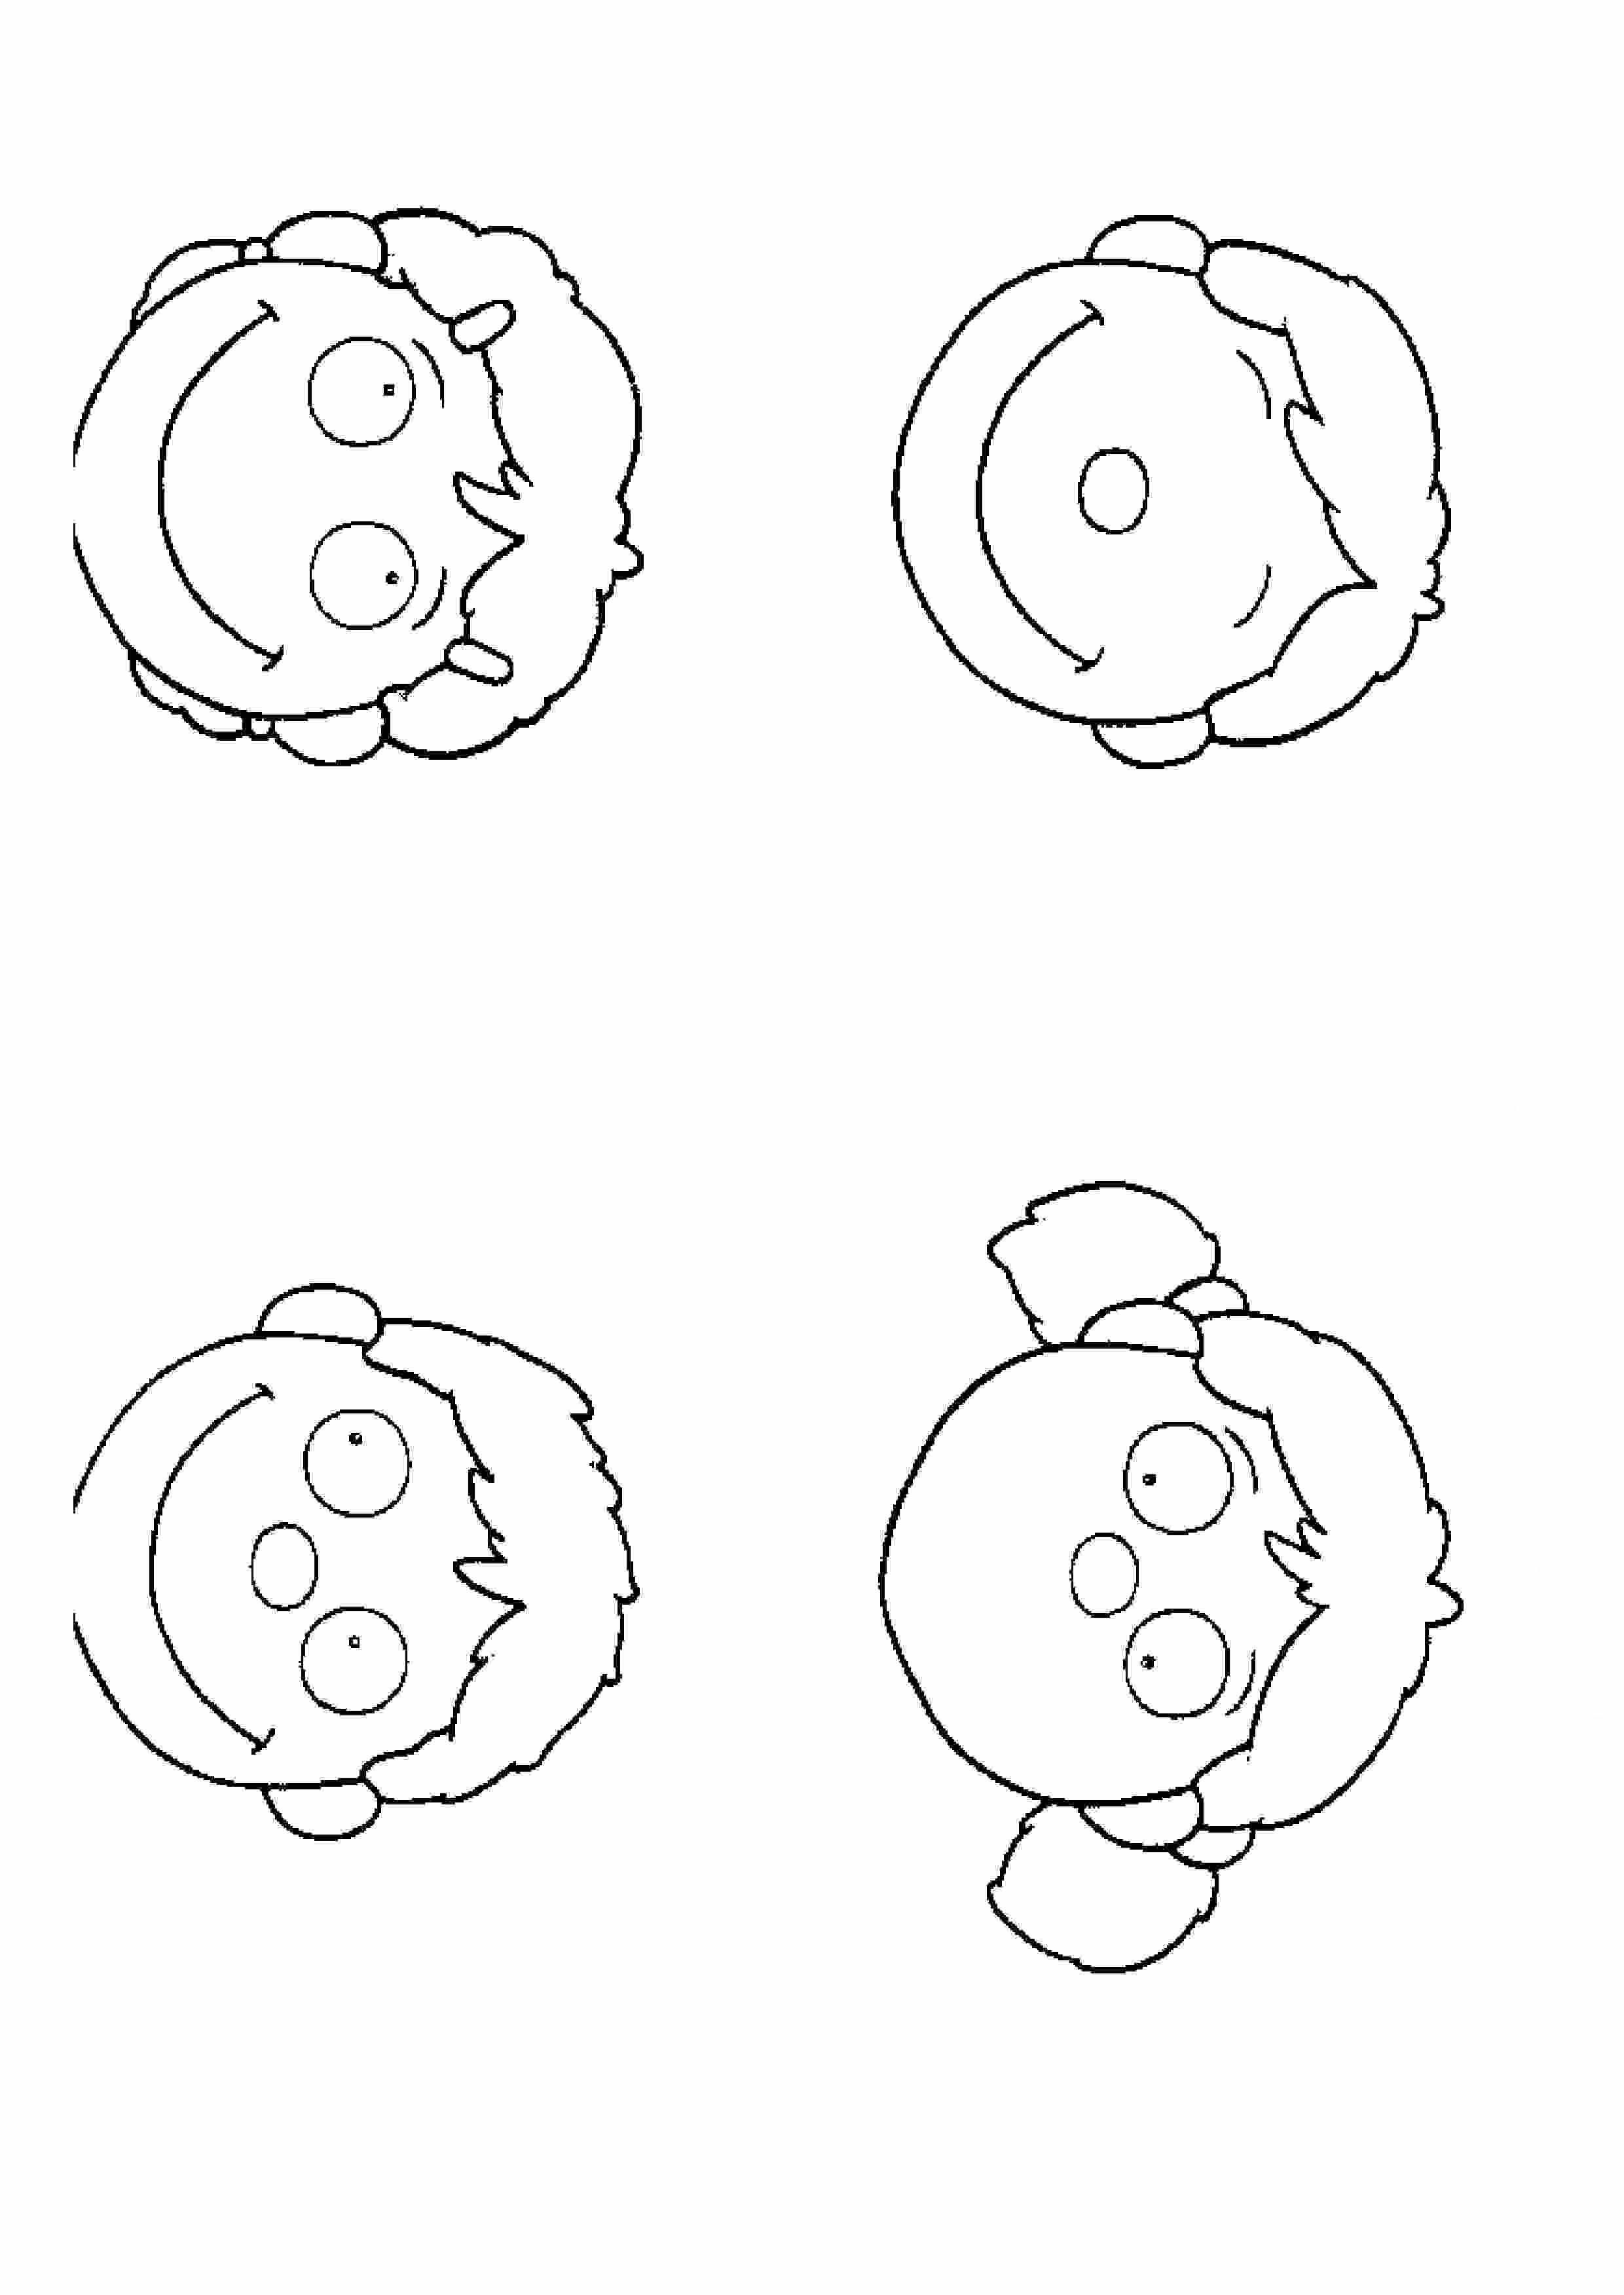 Actividades Para Ninos Preescolar Primaria E Inicial Completar Y Colorear 2 Ensenanza De Las Letras Ninos De Preescolar Actividades Para Ninos